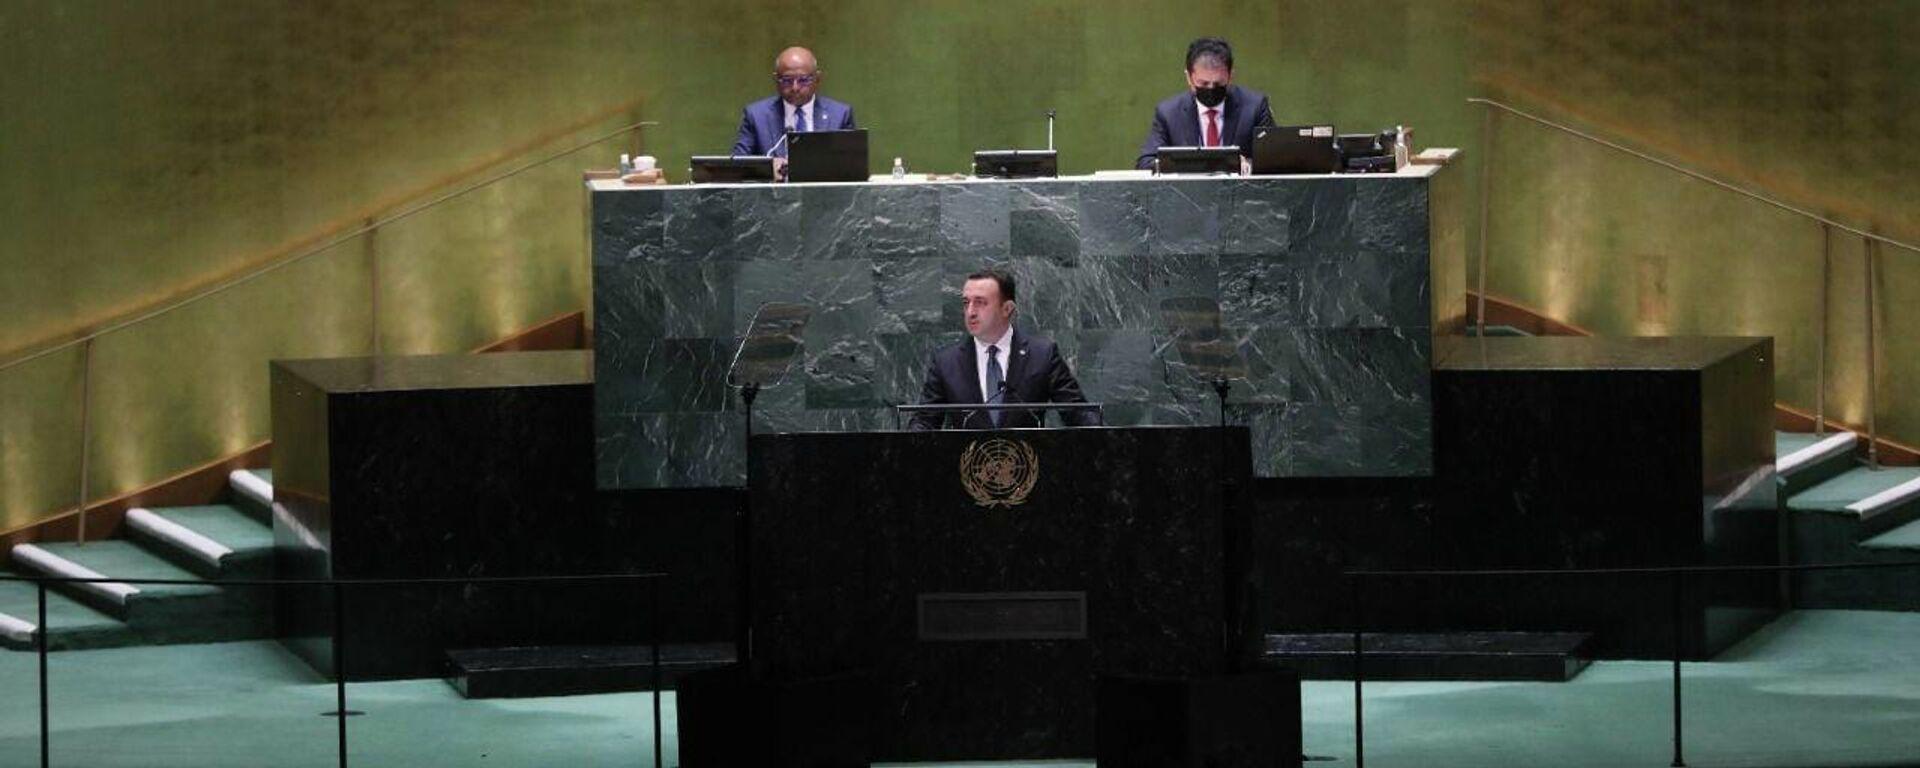 Ираклий Гарибашвили выступает на Генассамблее ООН - Sputnik Грузия, 1920, 25.09.2021